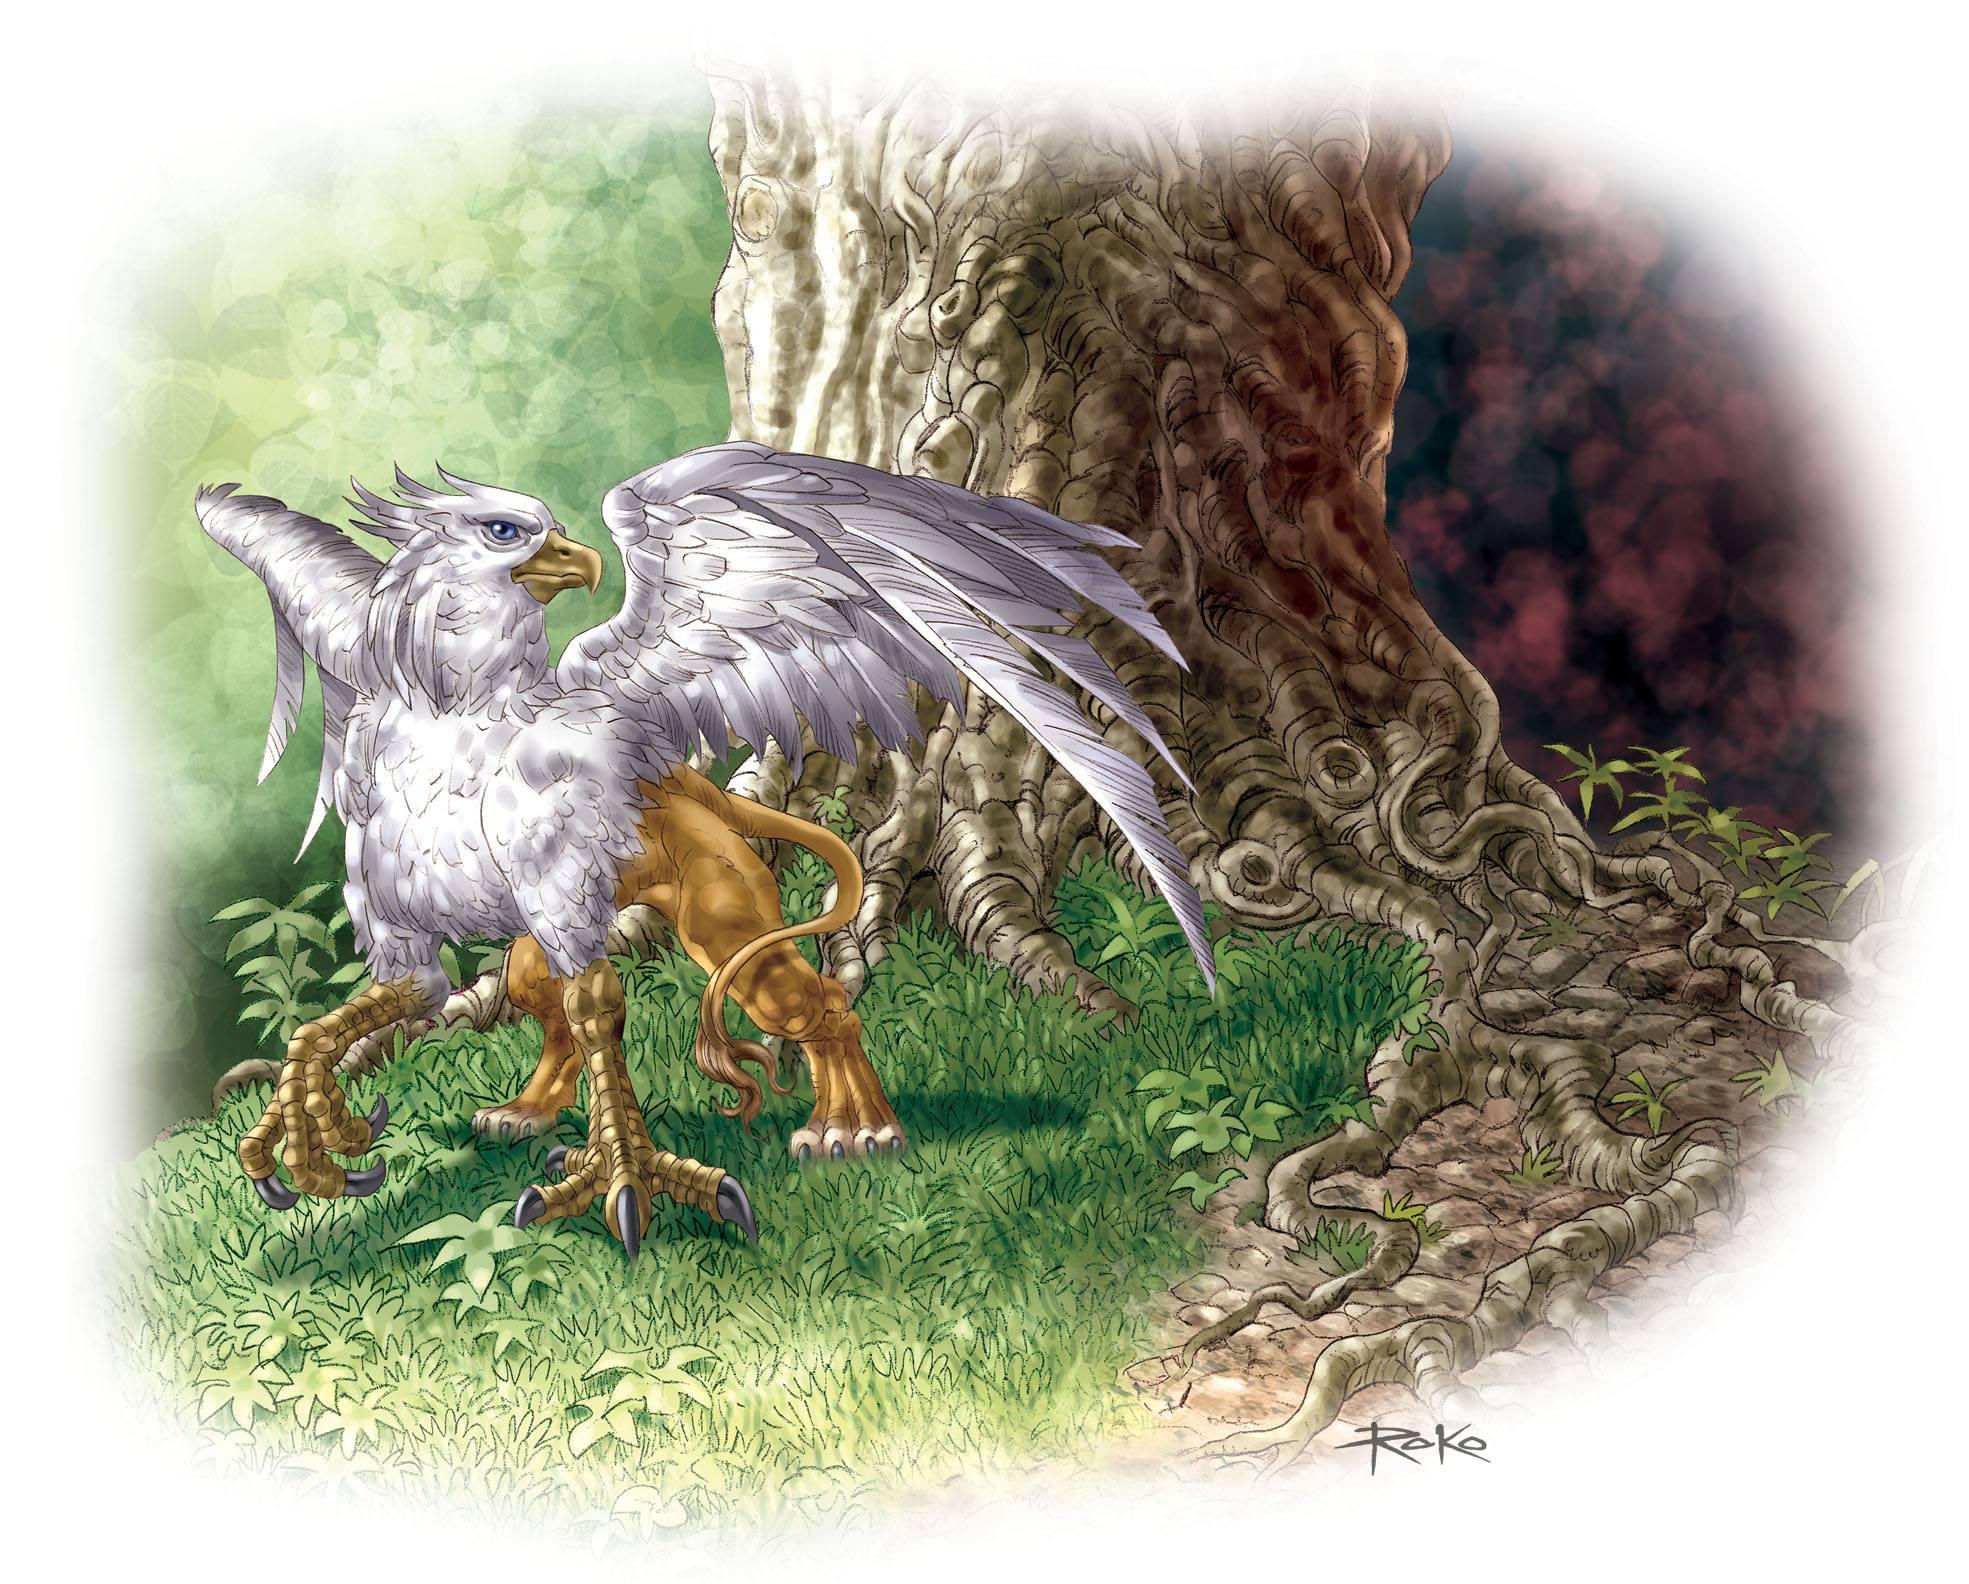 osnei-rocha-roko-ilustração-infantil-quadrinhos-30